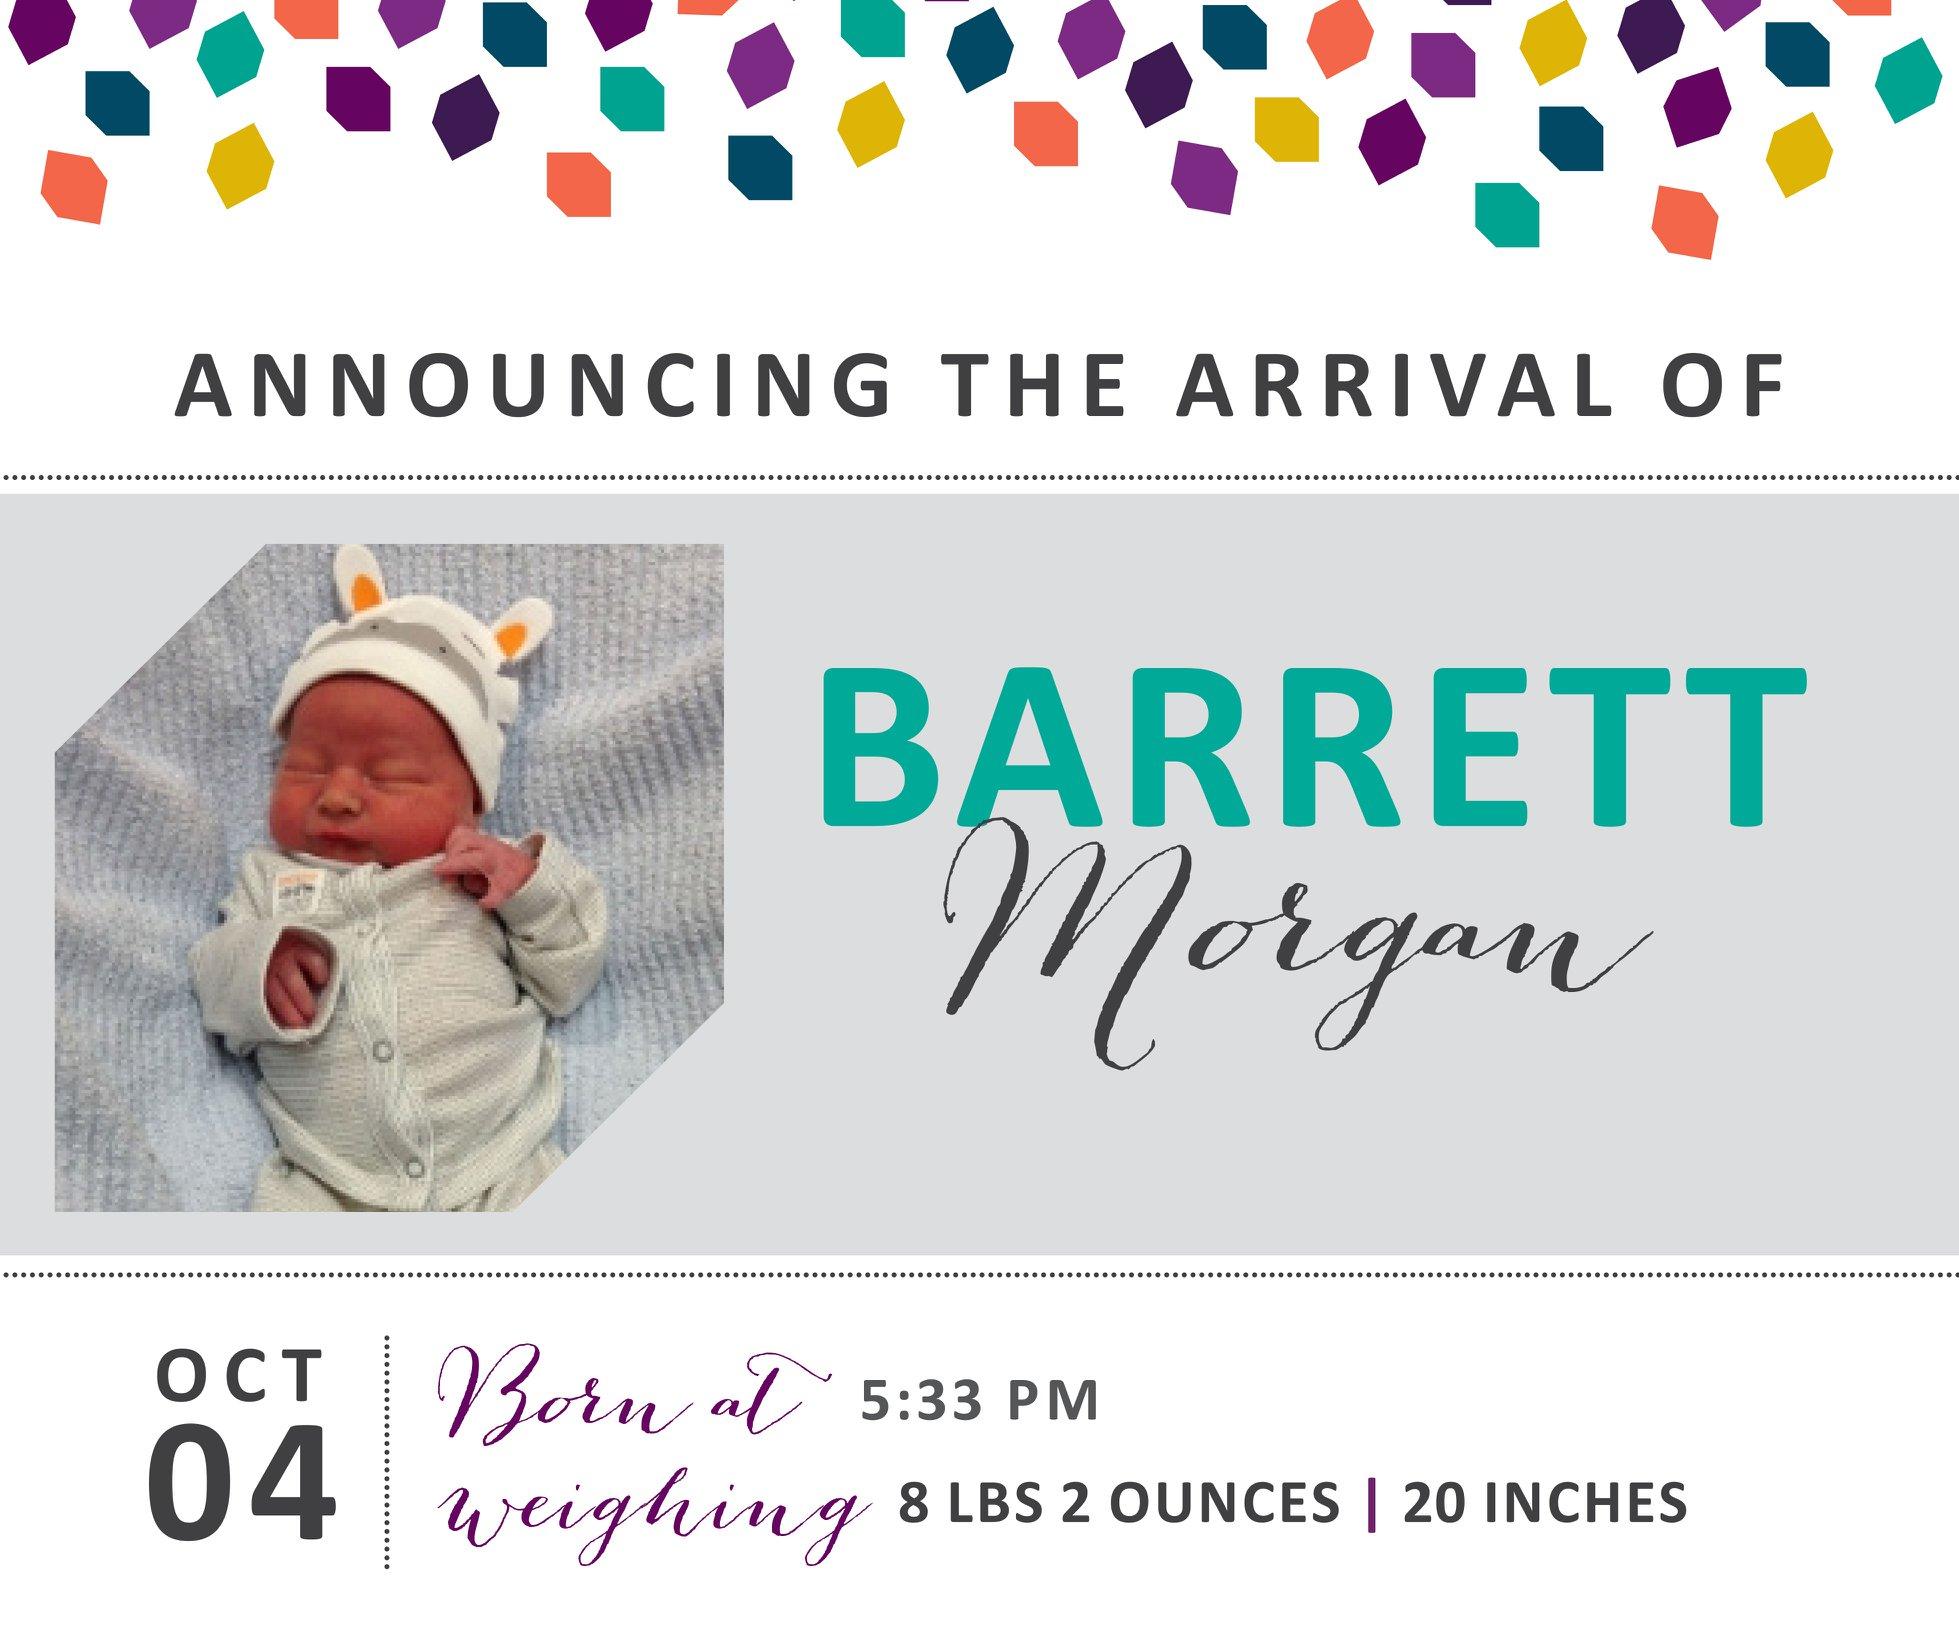 Barrett Morgan 1